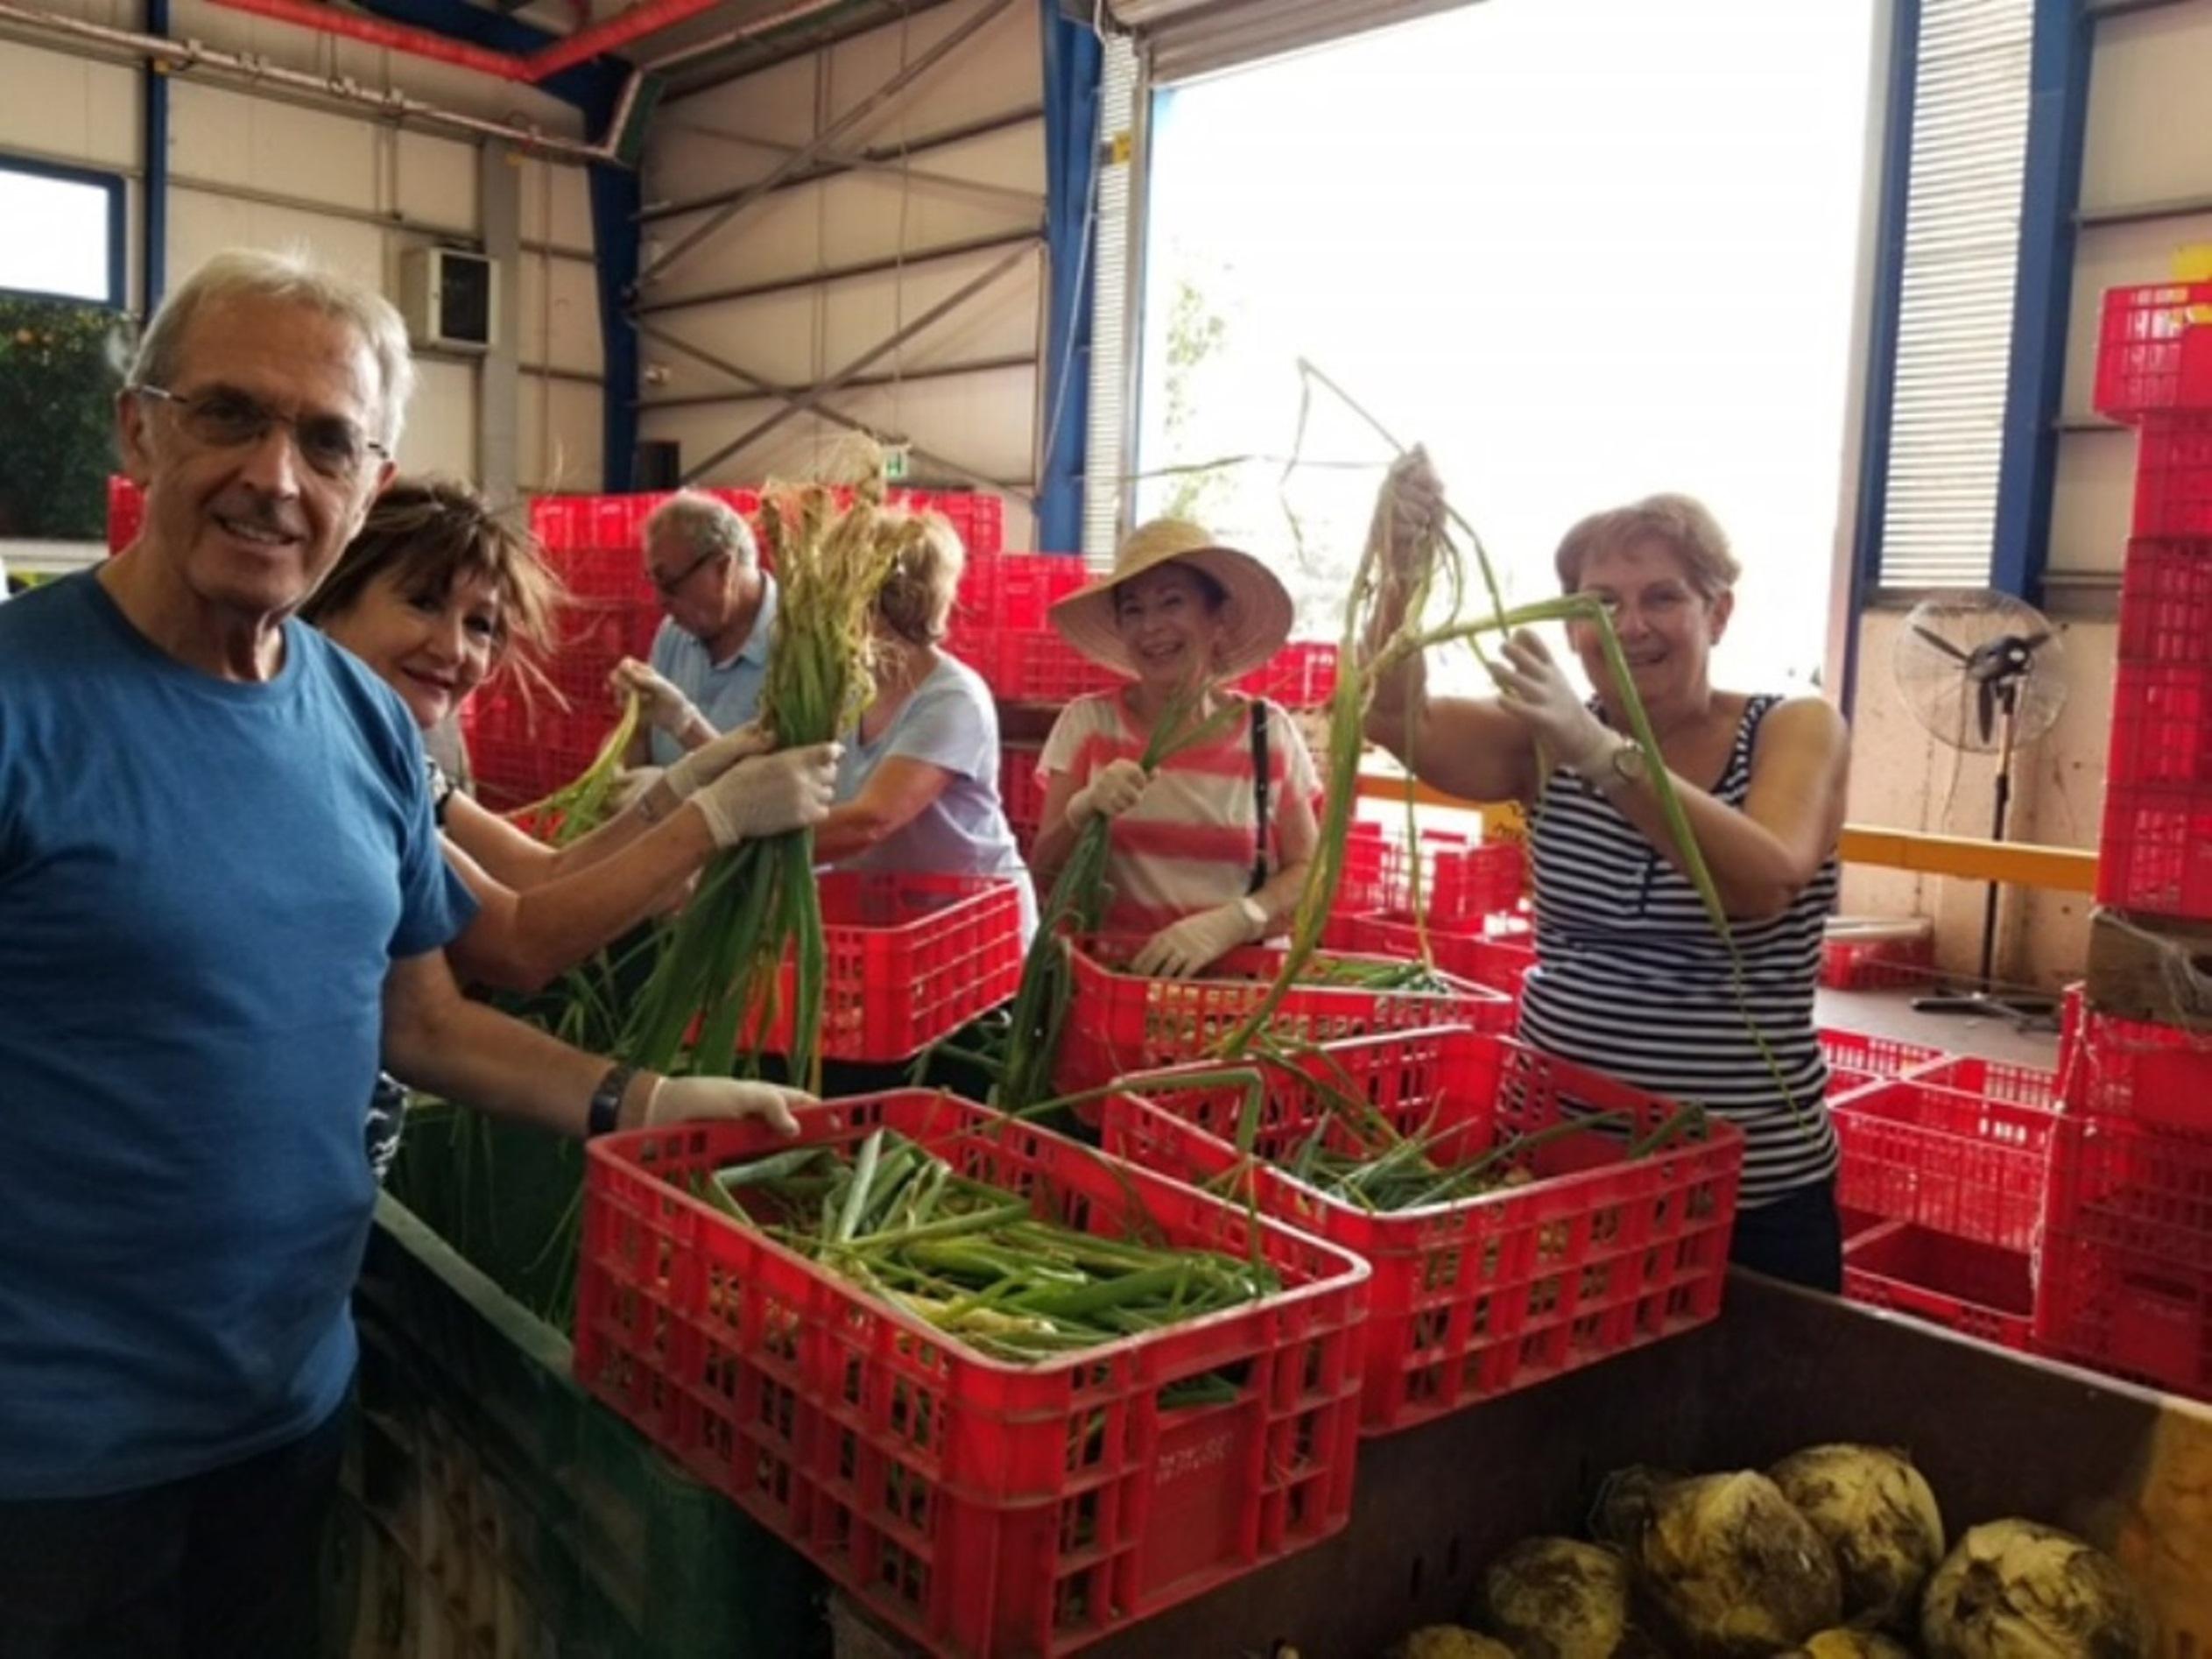 ממיינים ברינה.... קהילת פולג מתנדבת במרלוג צילום מאגר לקט ישראל.